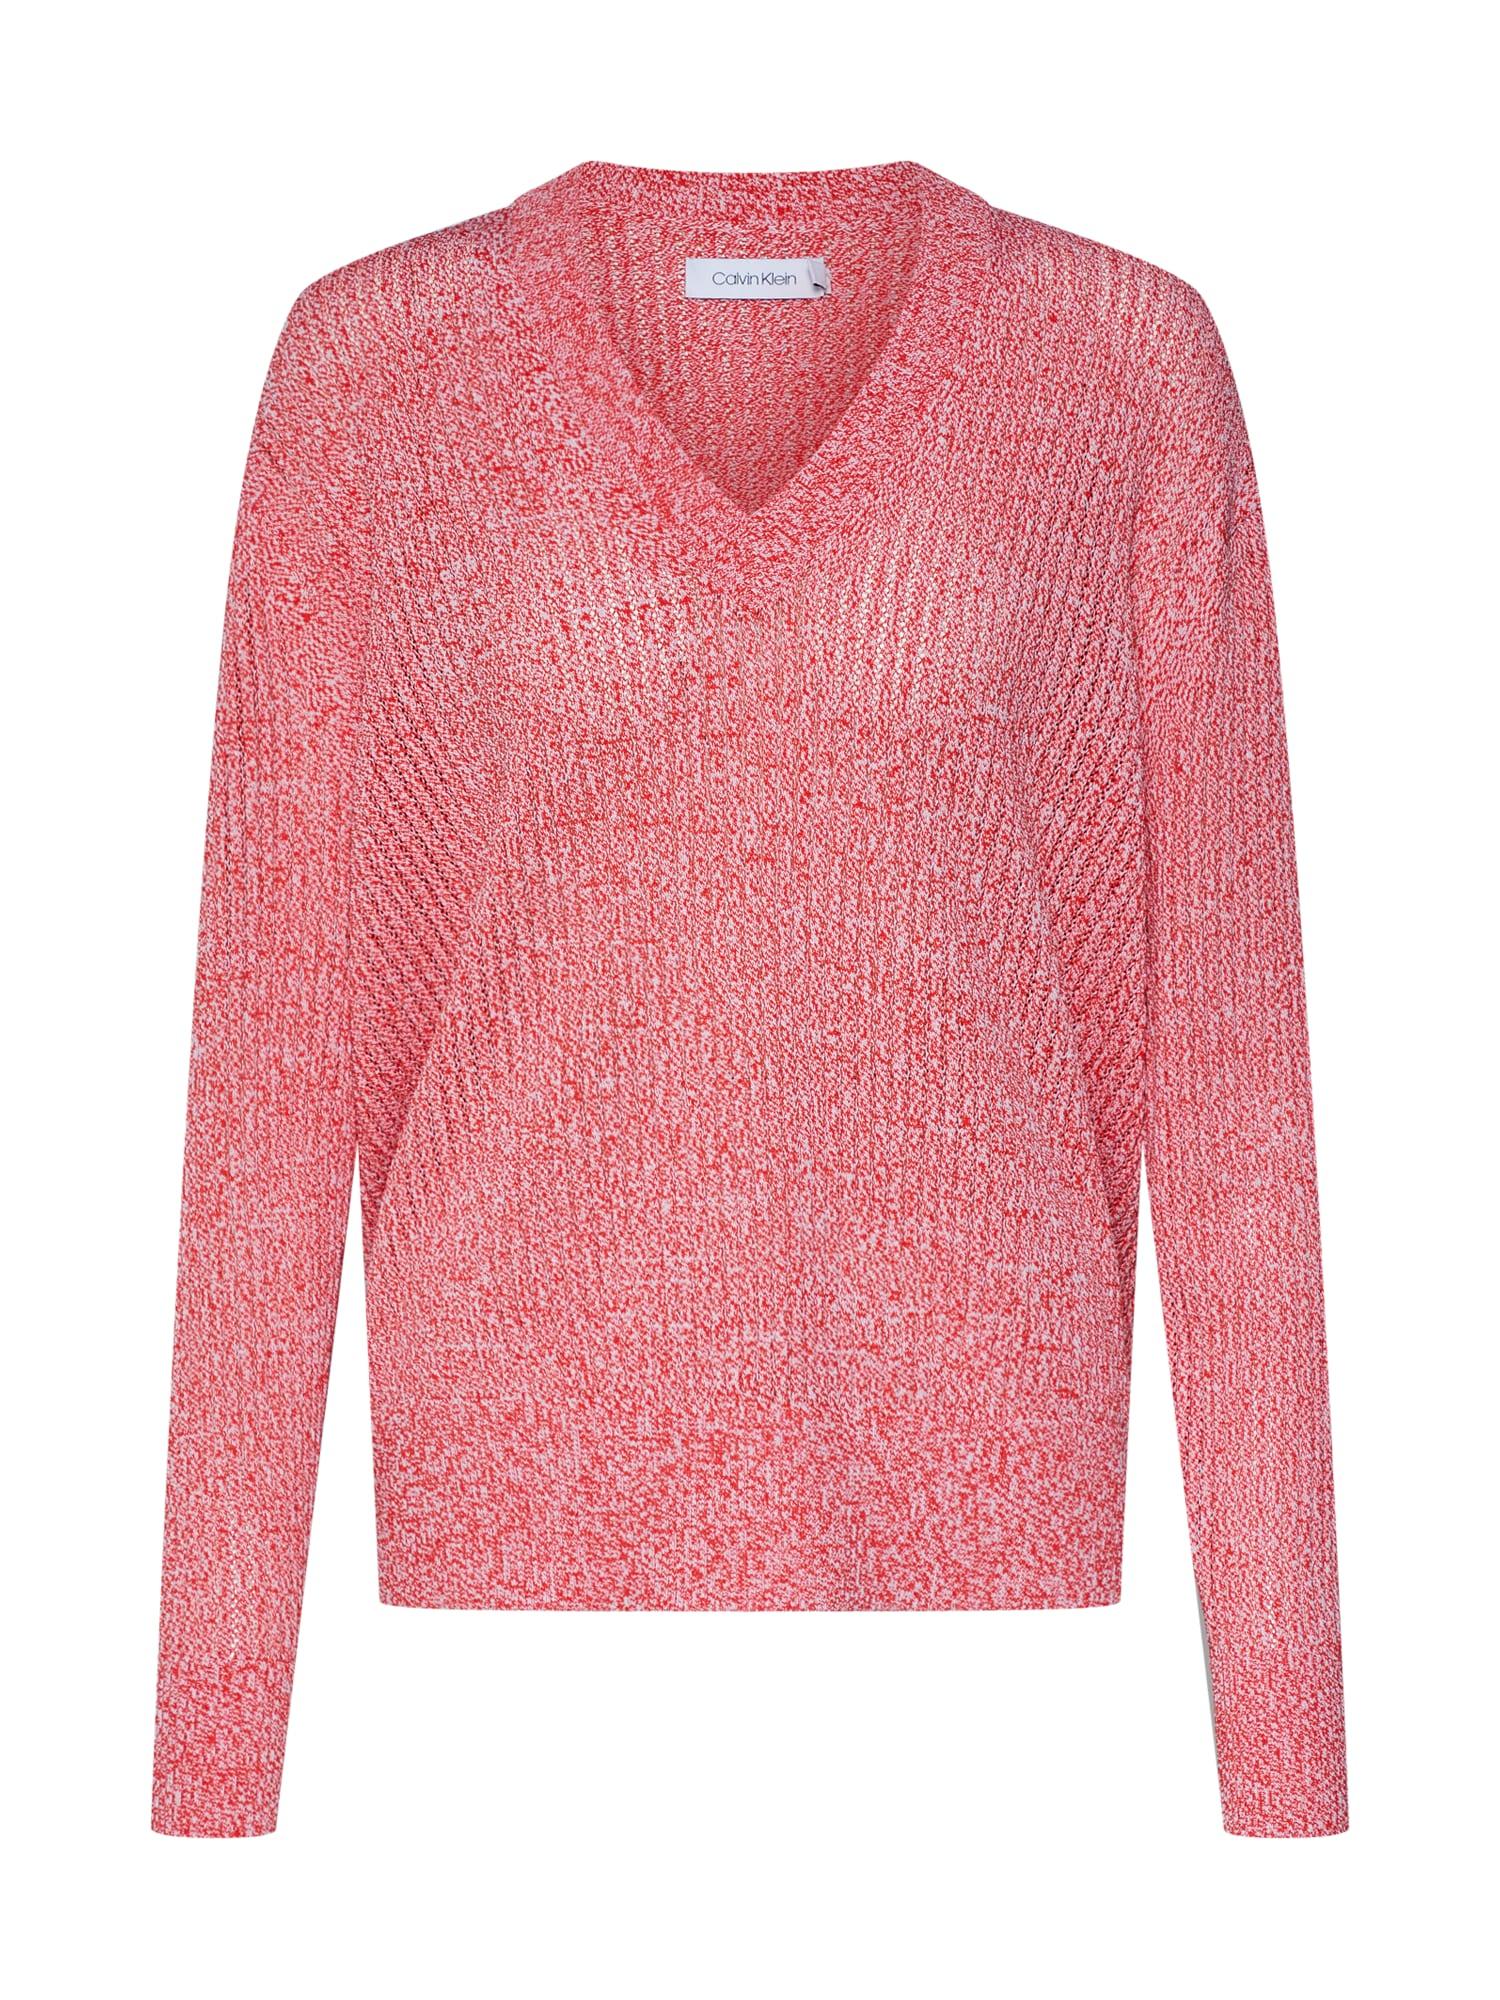 Svetr MICRO LACE MOULINE V NK SWTR tmavě růžová červená Calvin Klein